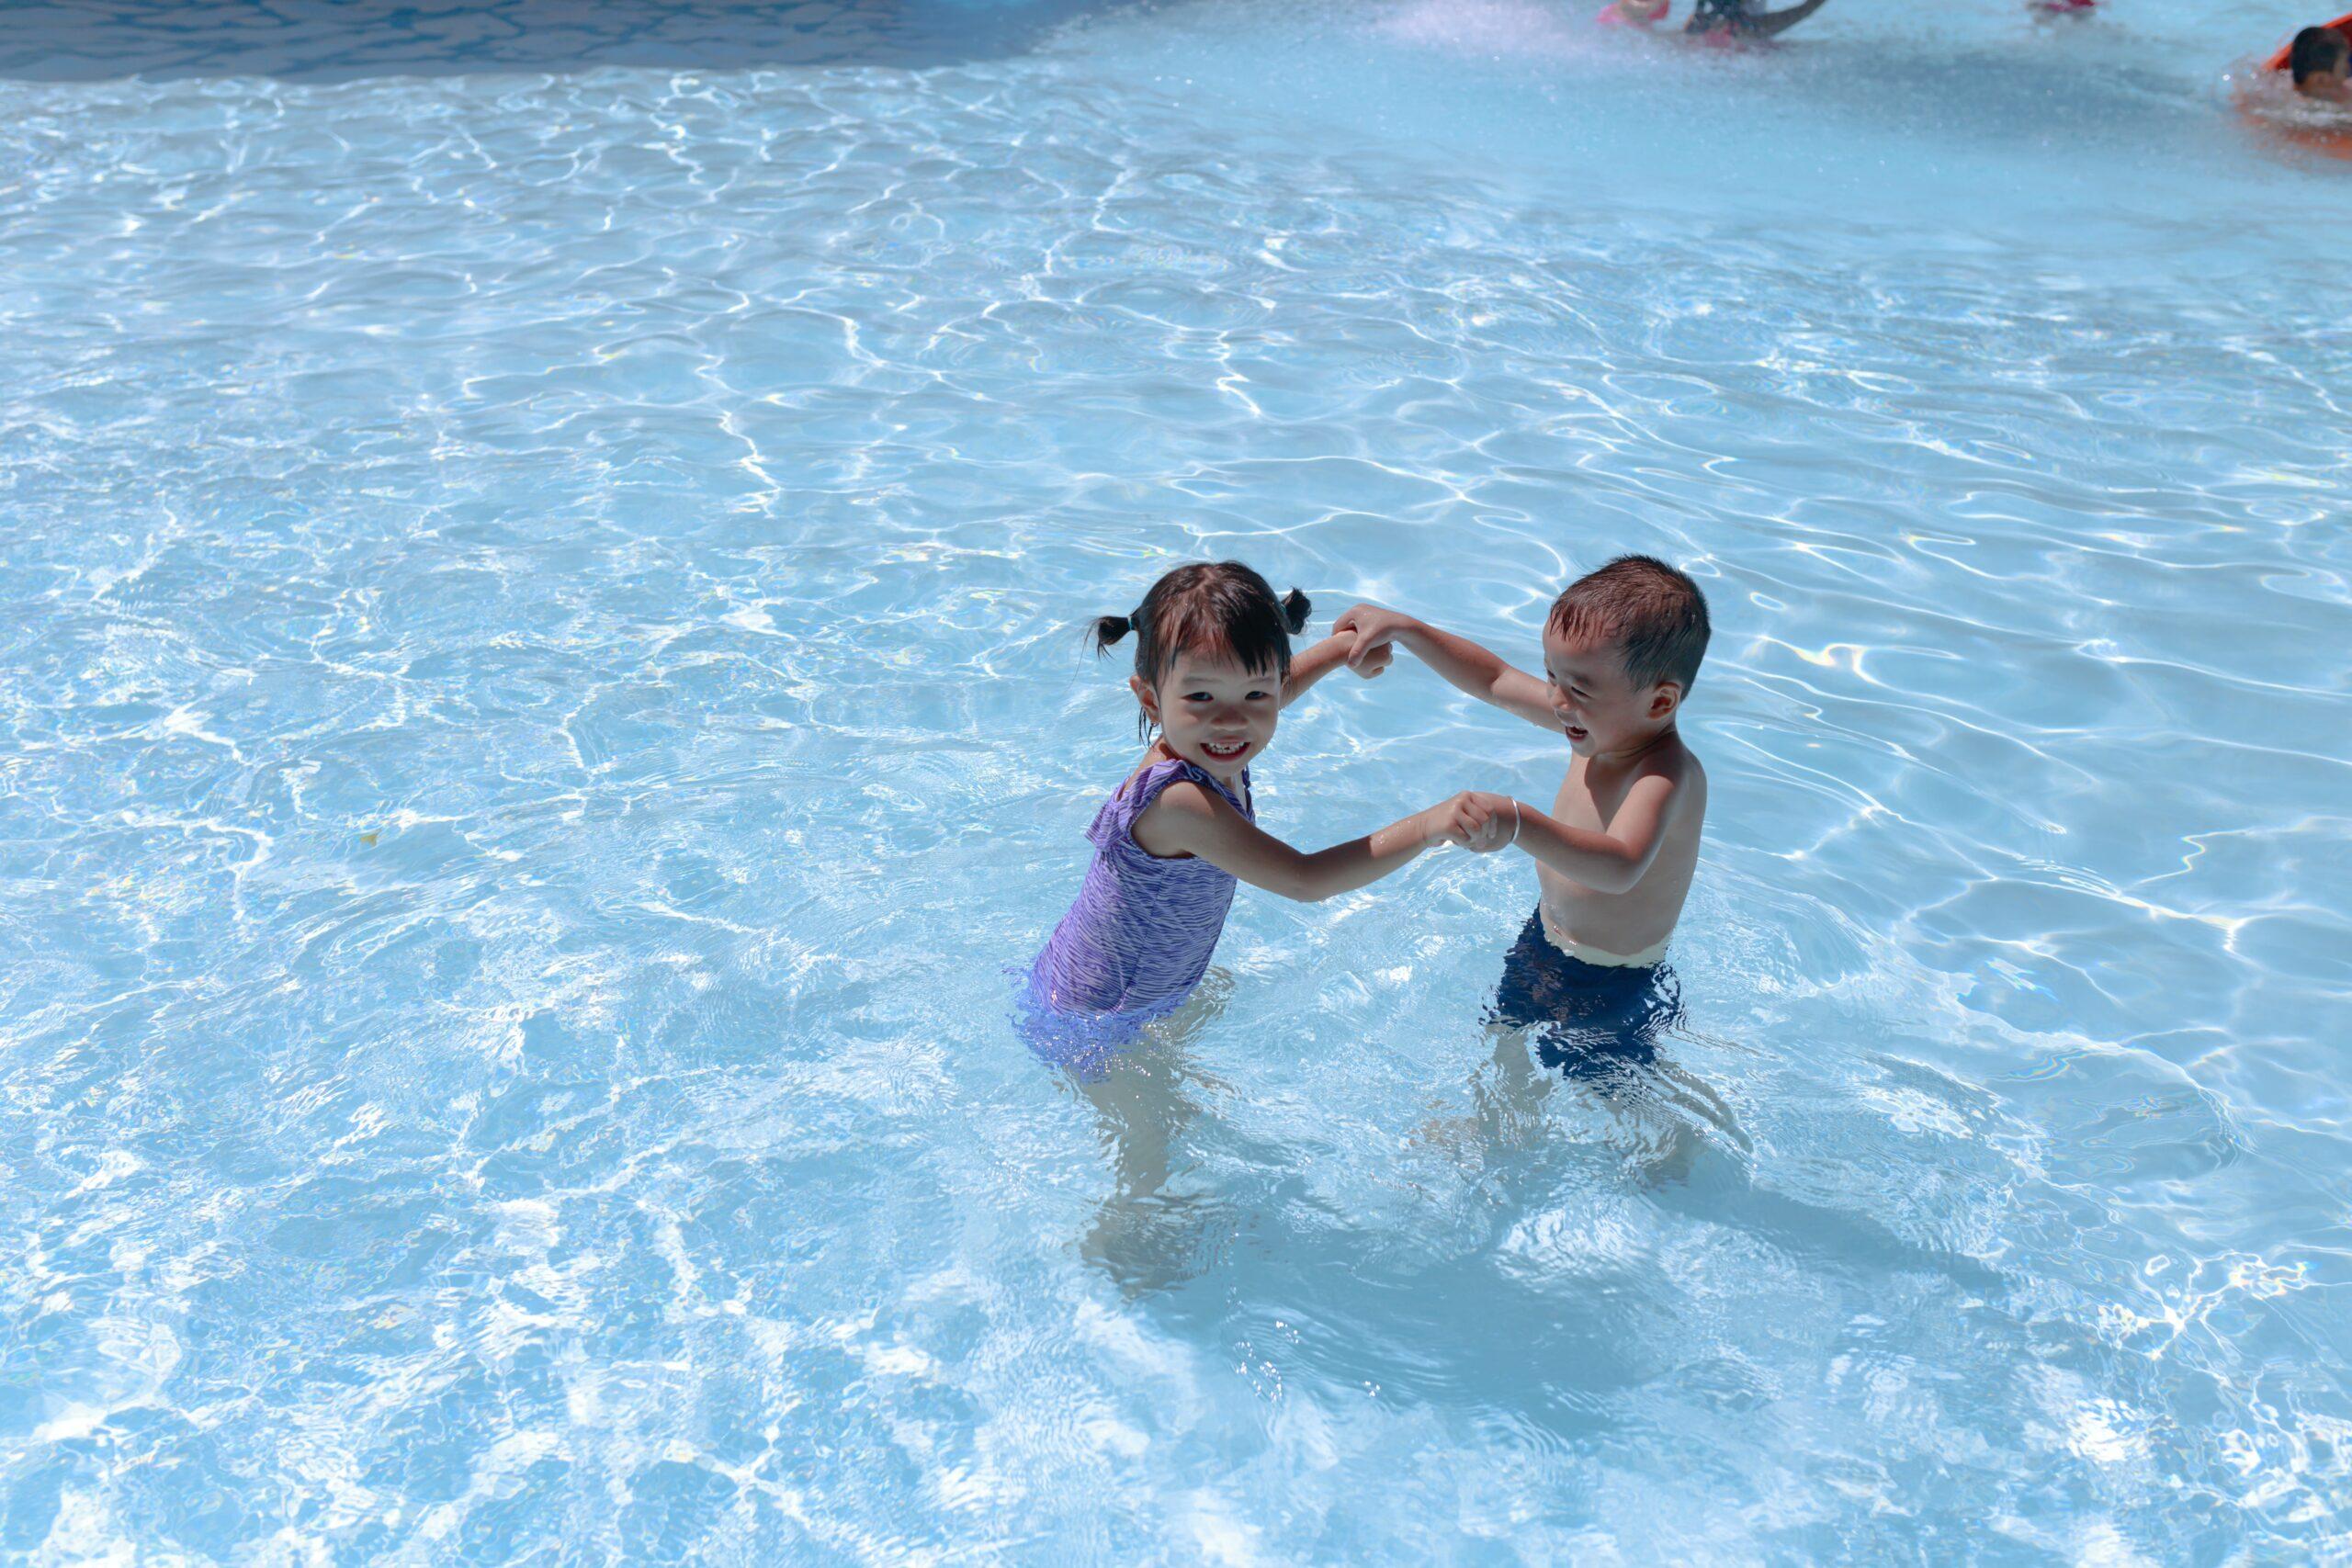 【盘点南加好玩刺激的水上乐园】室内室外都有!夏天就应该在水中嗨!